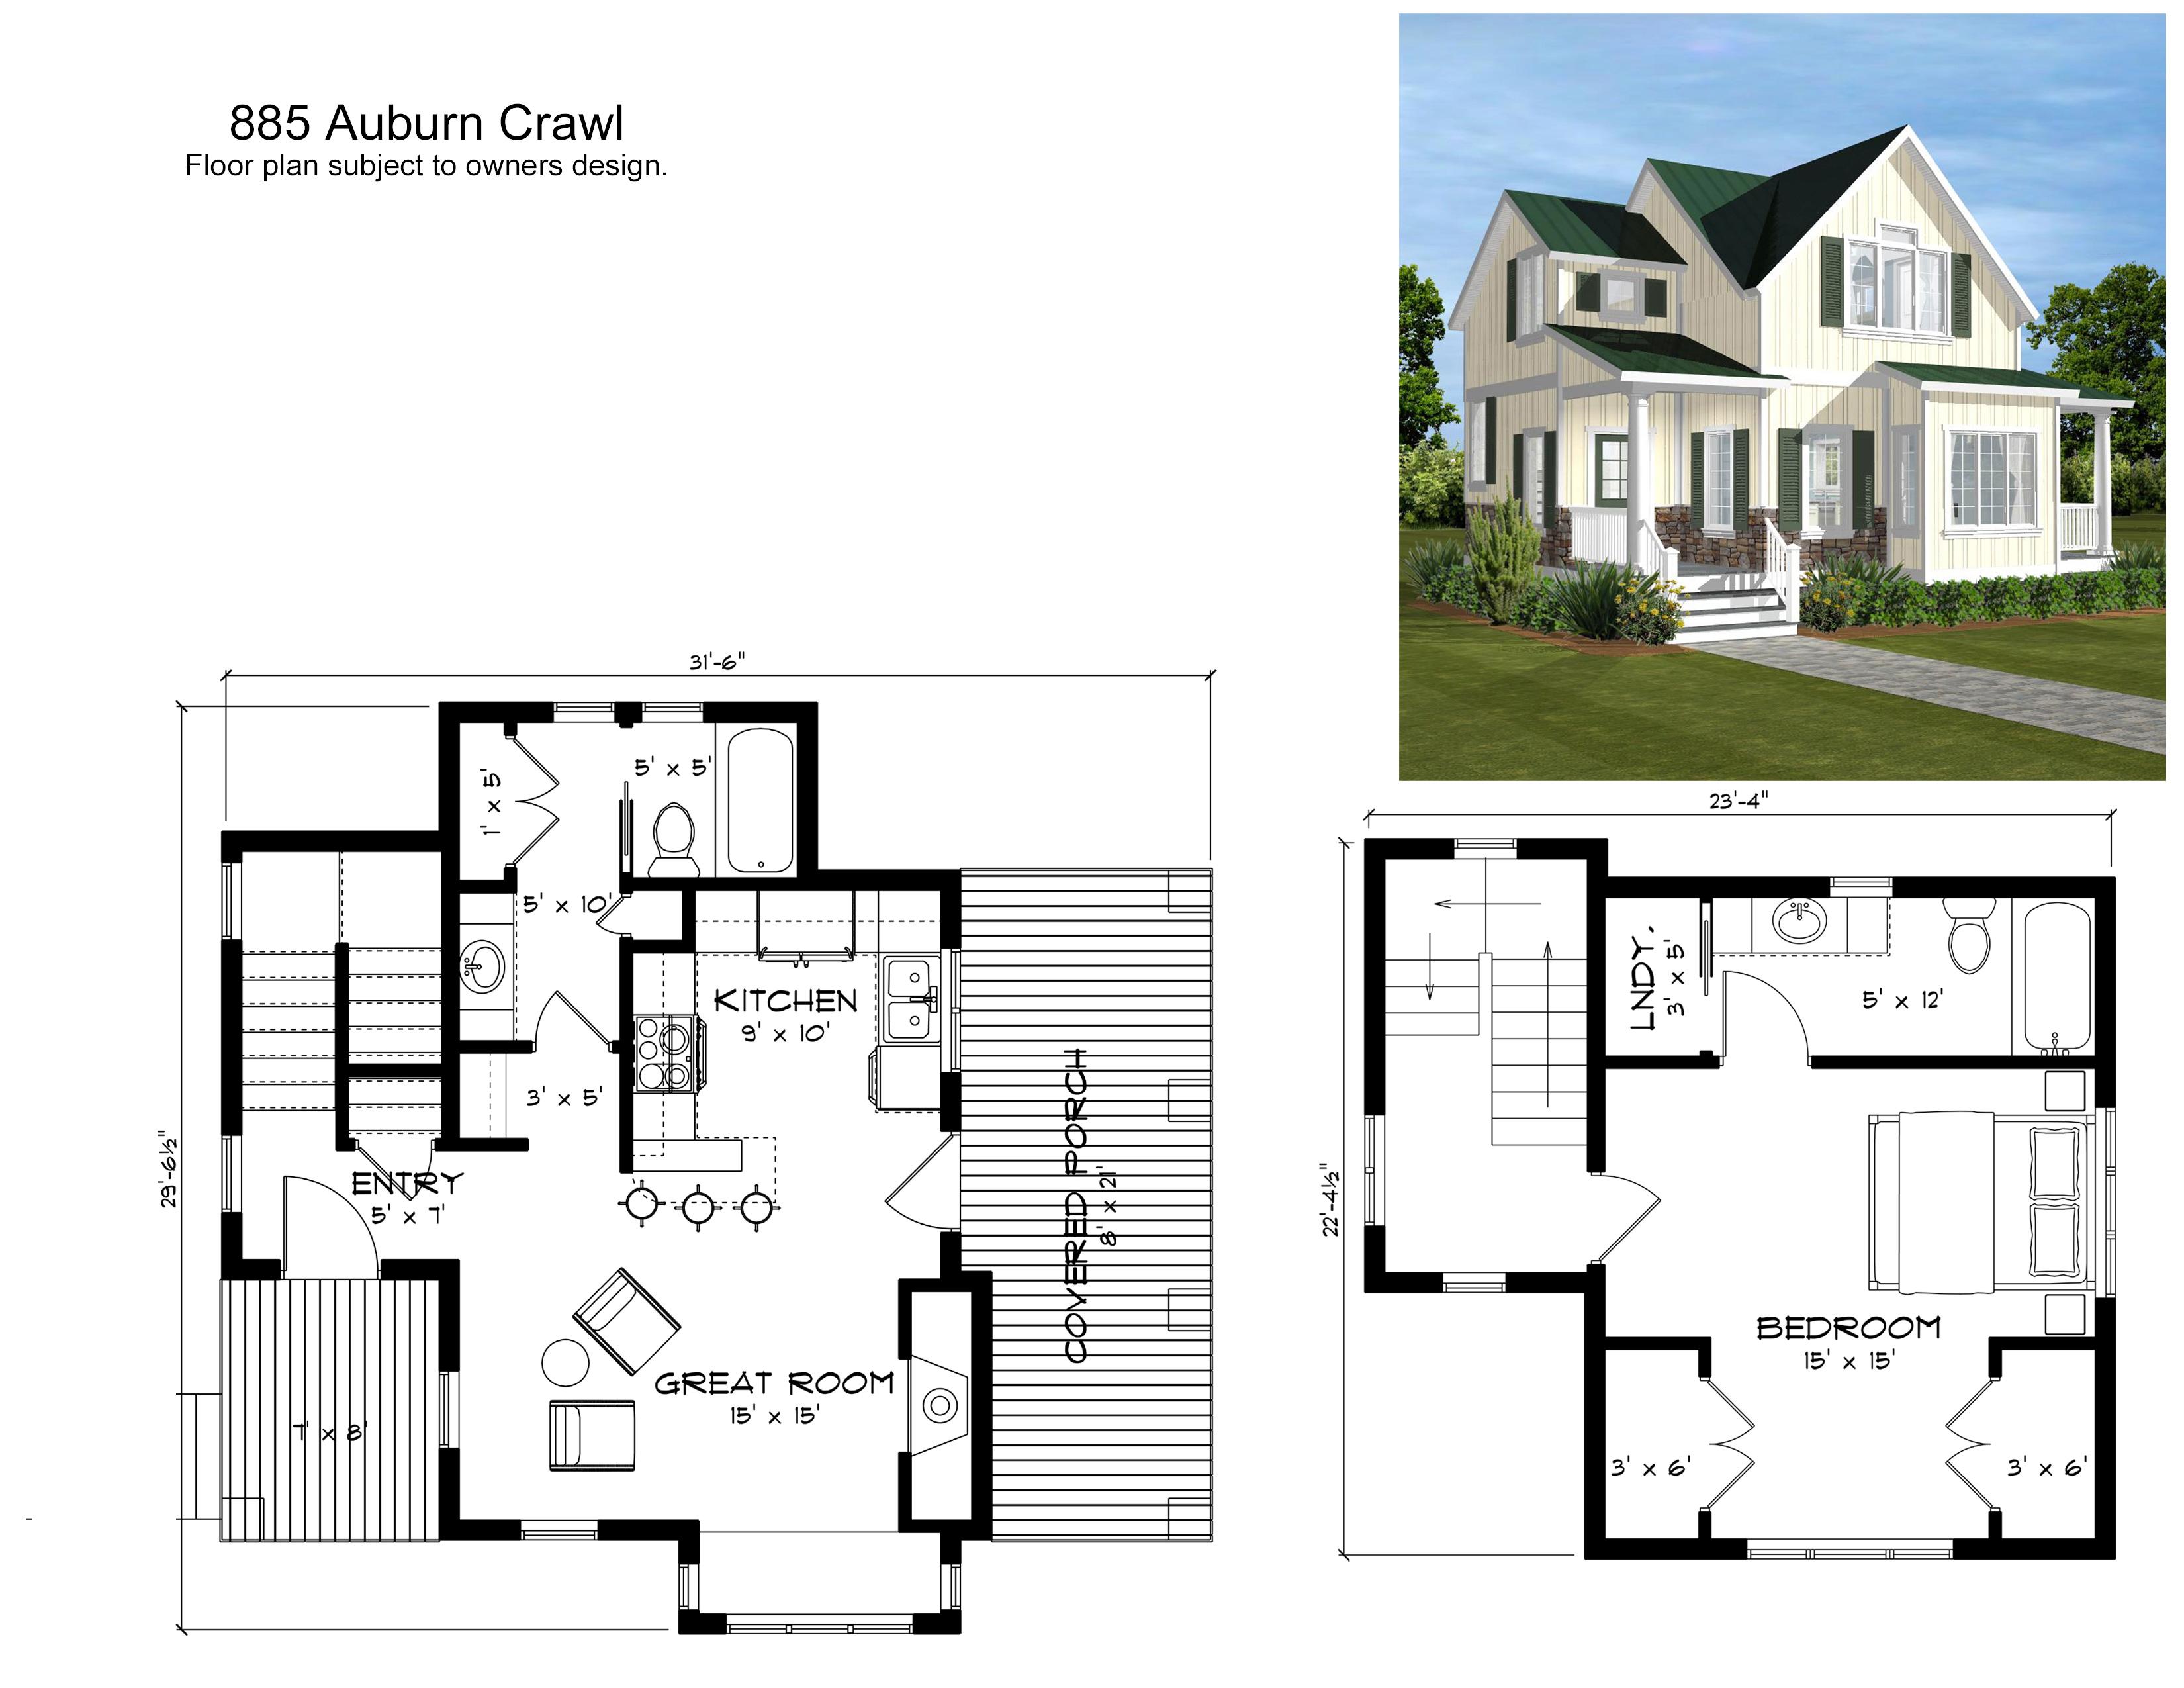 885 Auburn Crawl